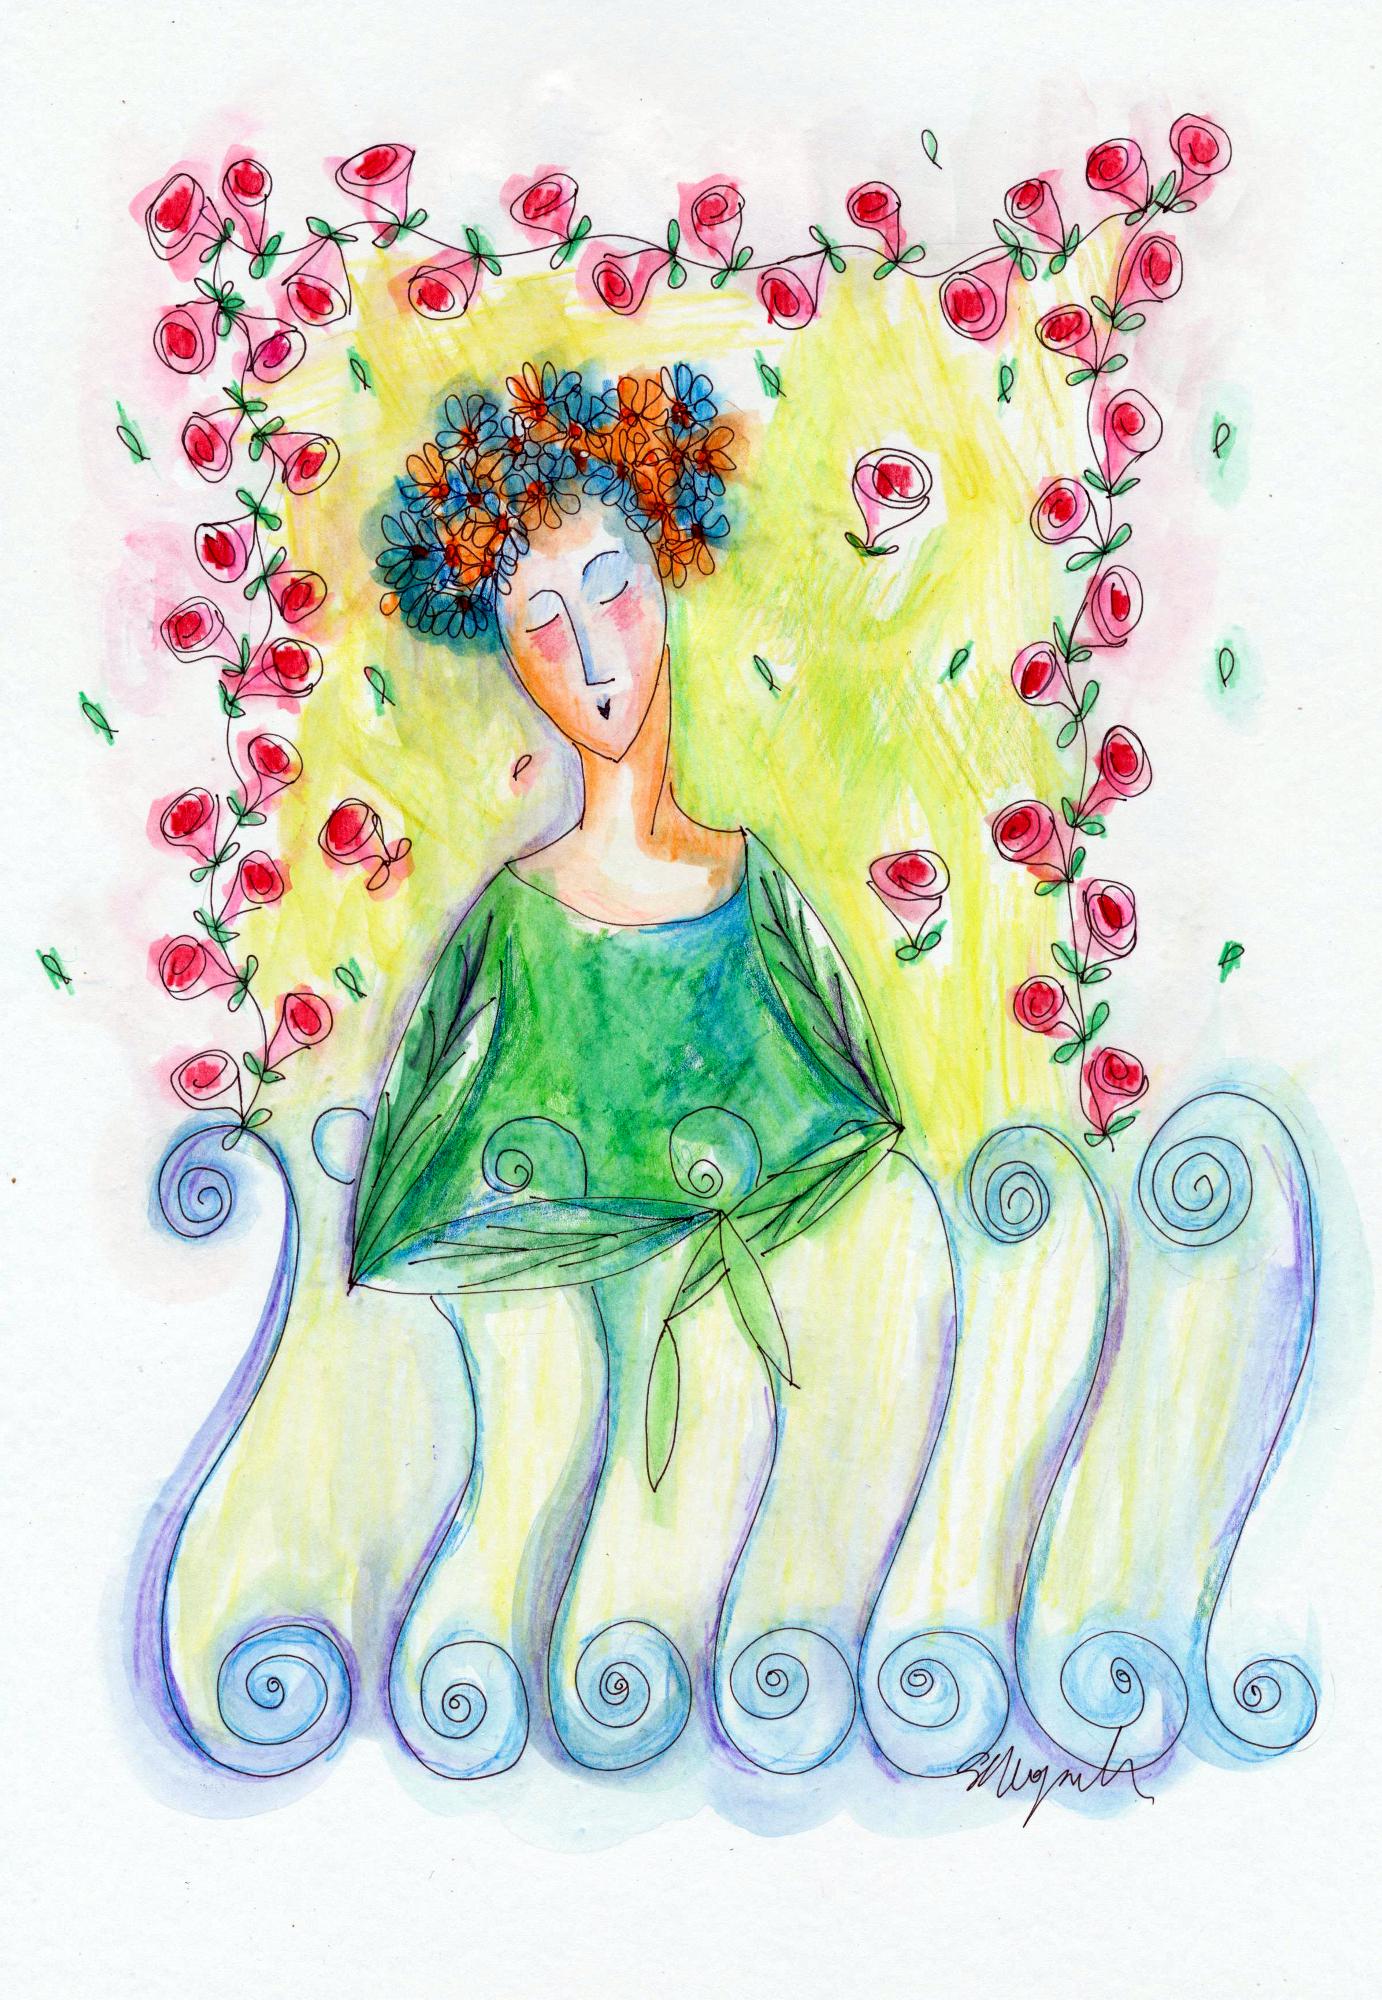 spring-illustration